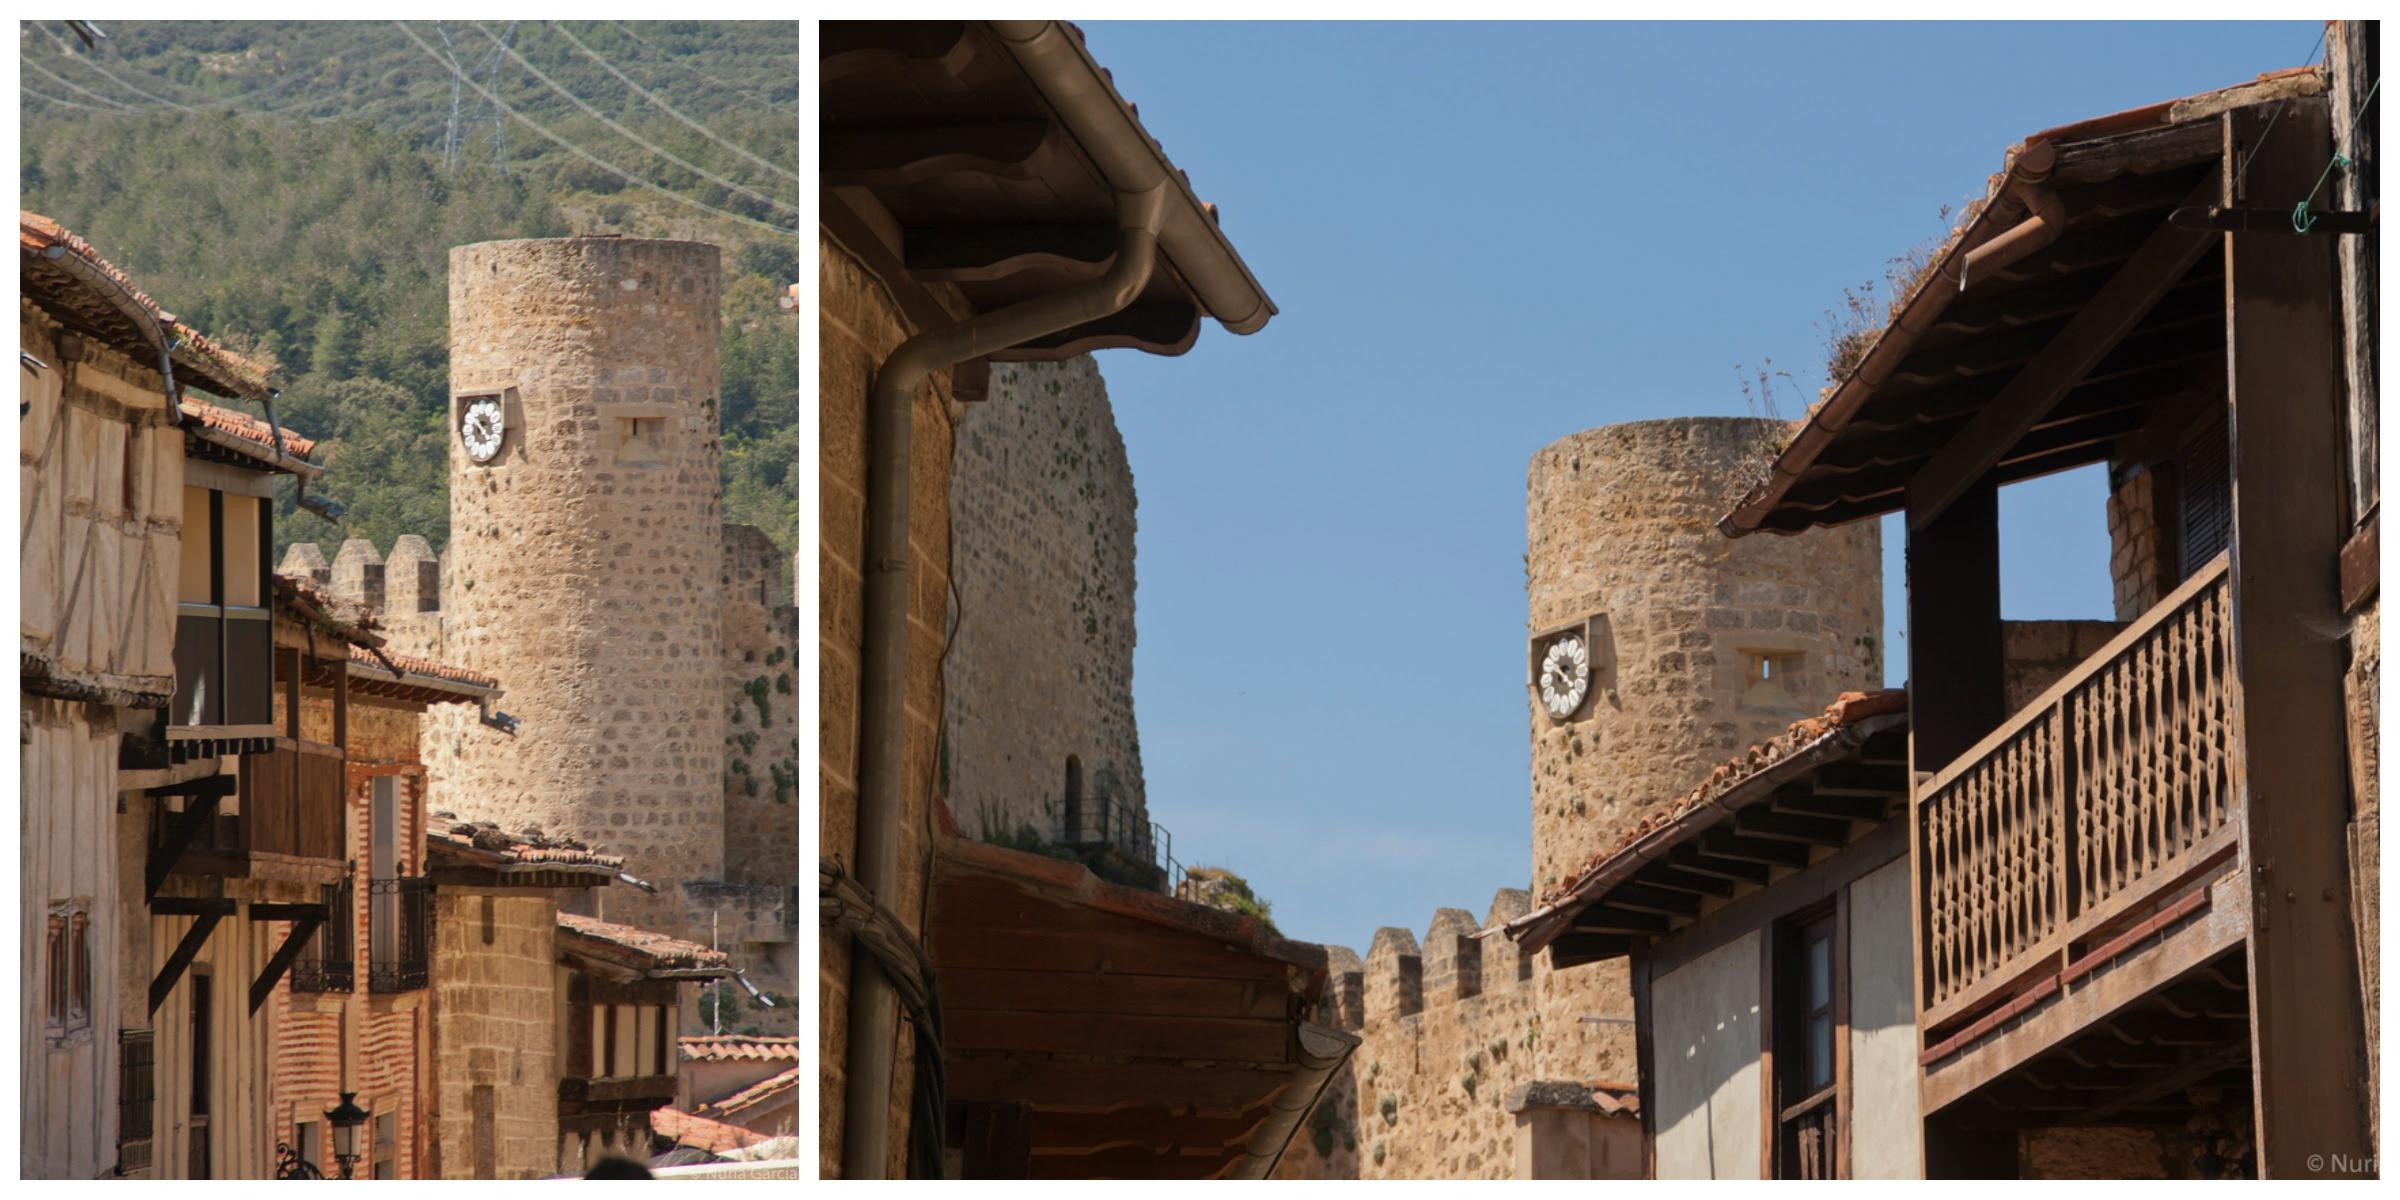 Vistas de la Torre del Reloj del Castillo y de las casas características